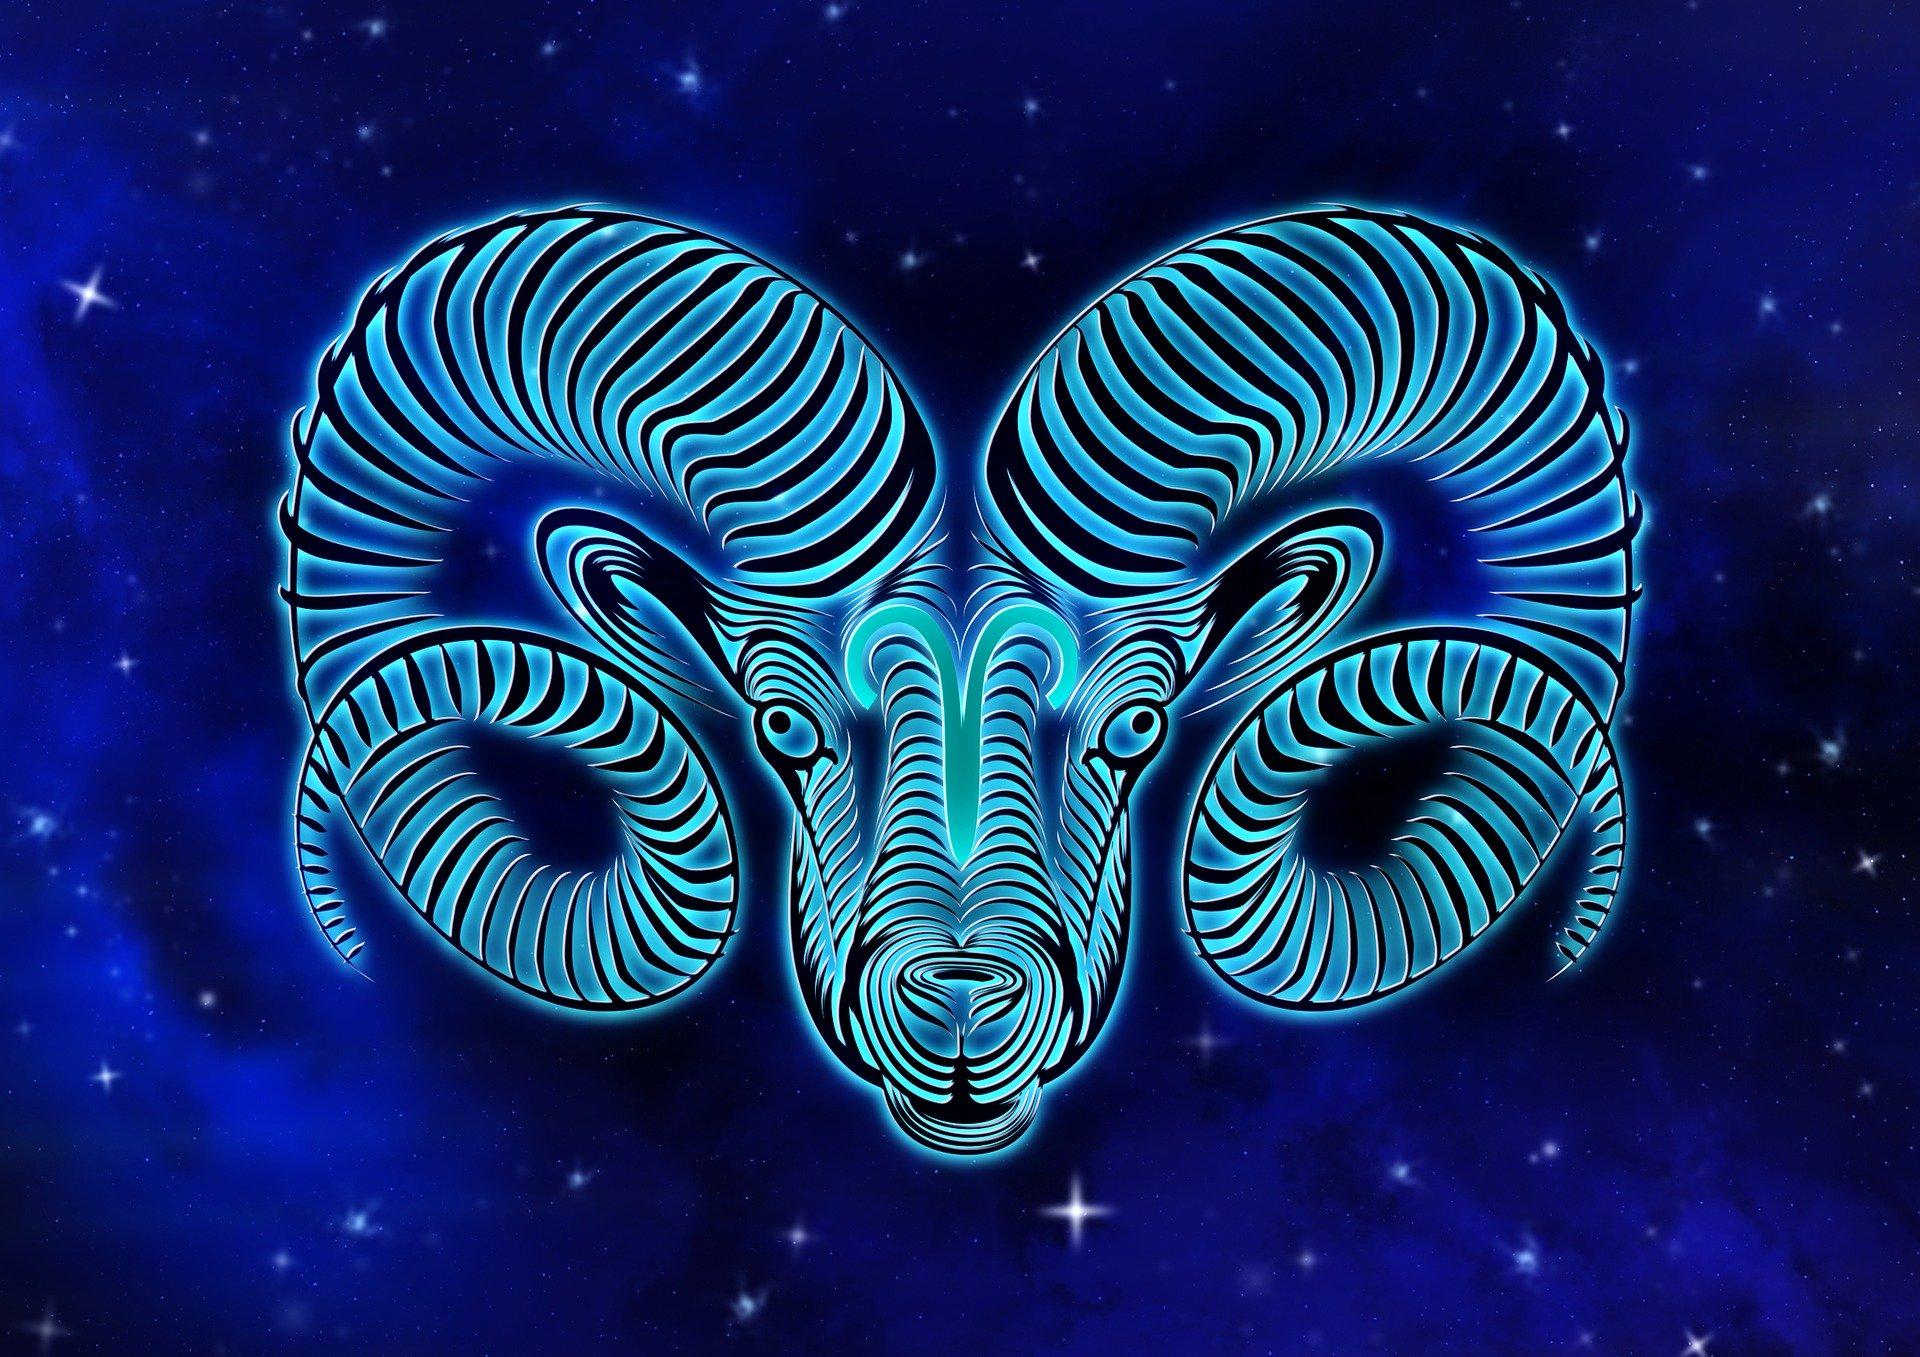 Horoscop Berbec azi, 29 iulie 2021. Berbecii simt nevoia să petreacă timp de unii singuri